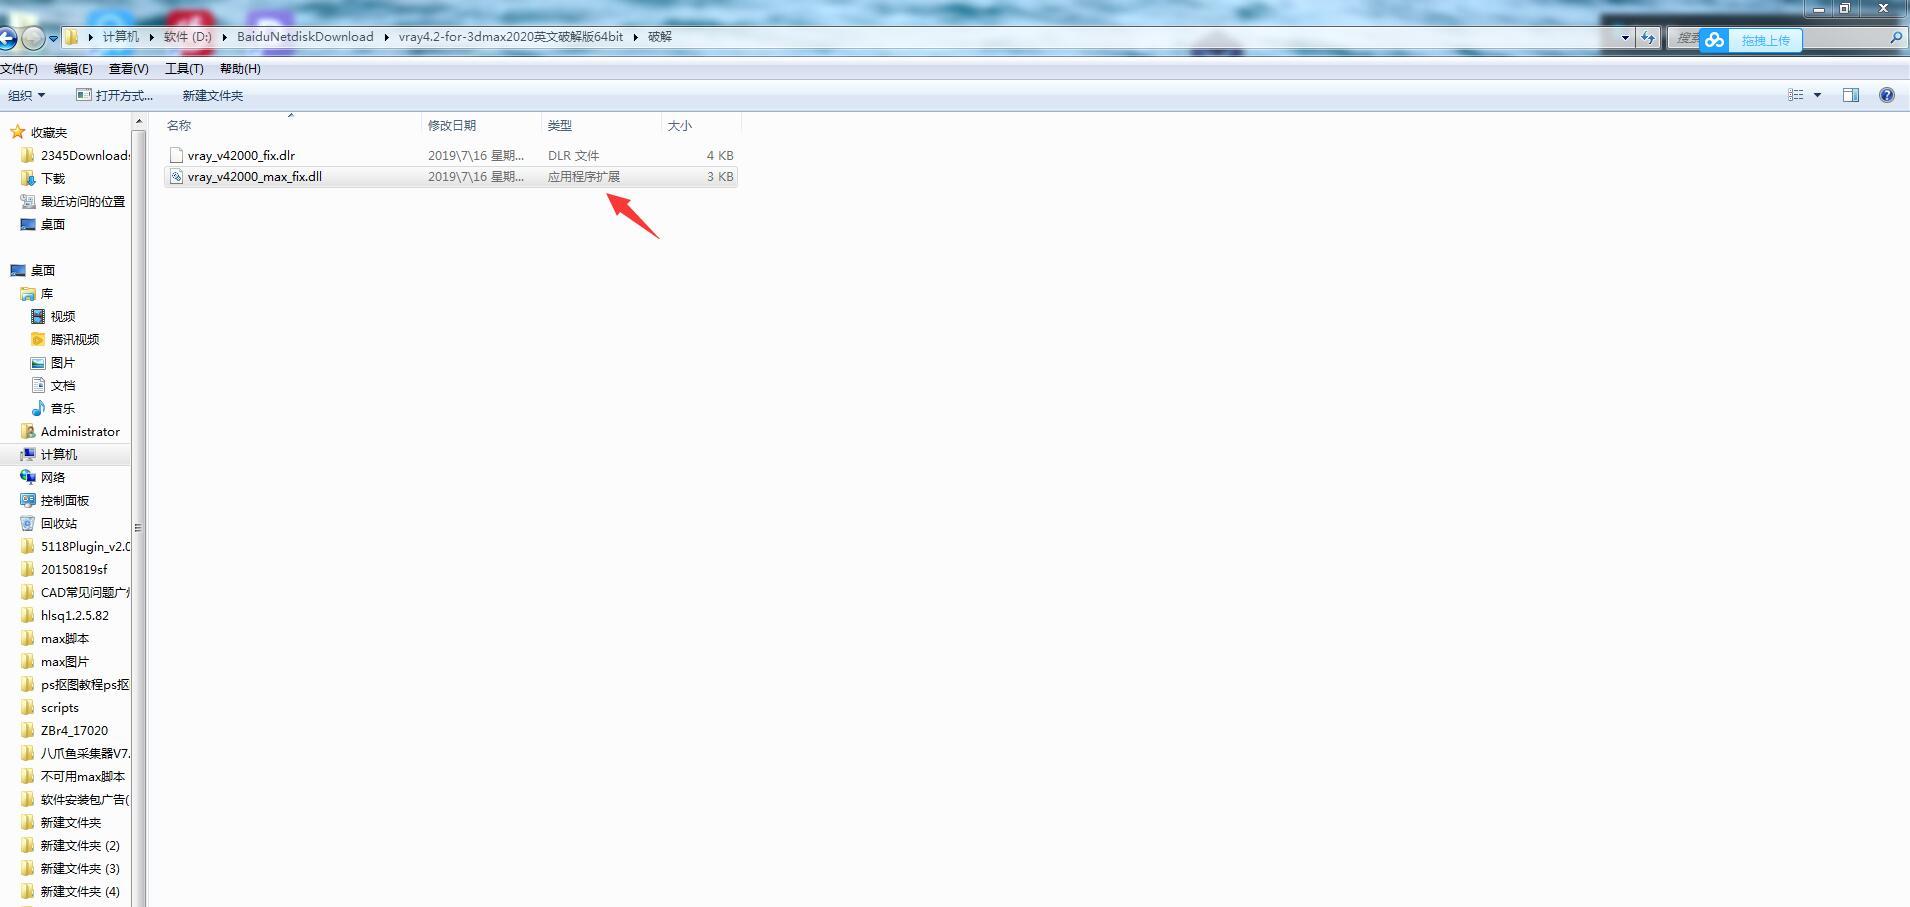 3D魔术手_【3dmax插件】效果图大师插件安装图文教程、破解注册方法